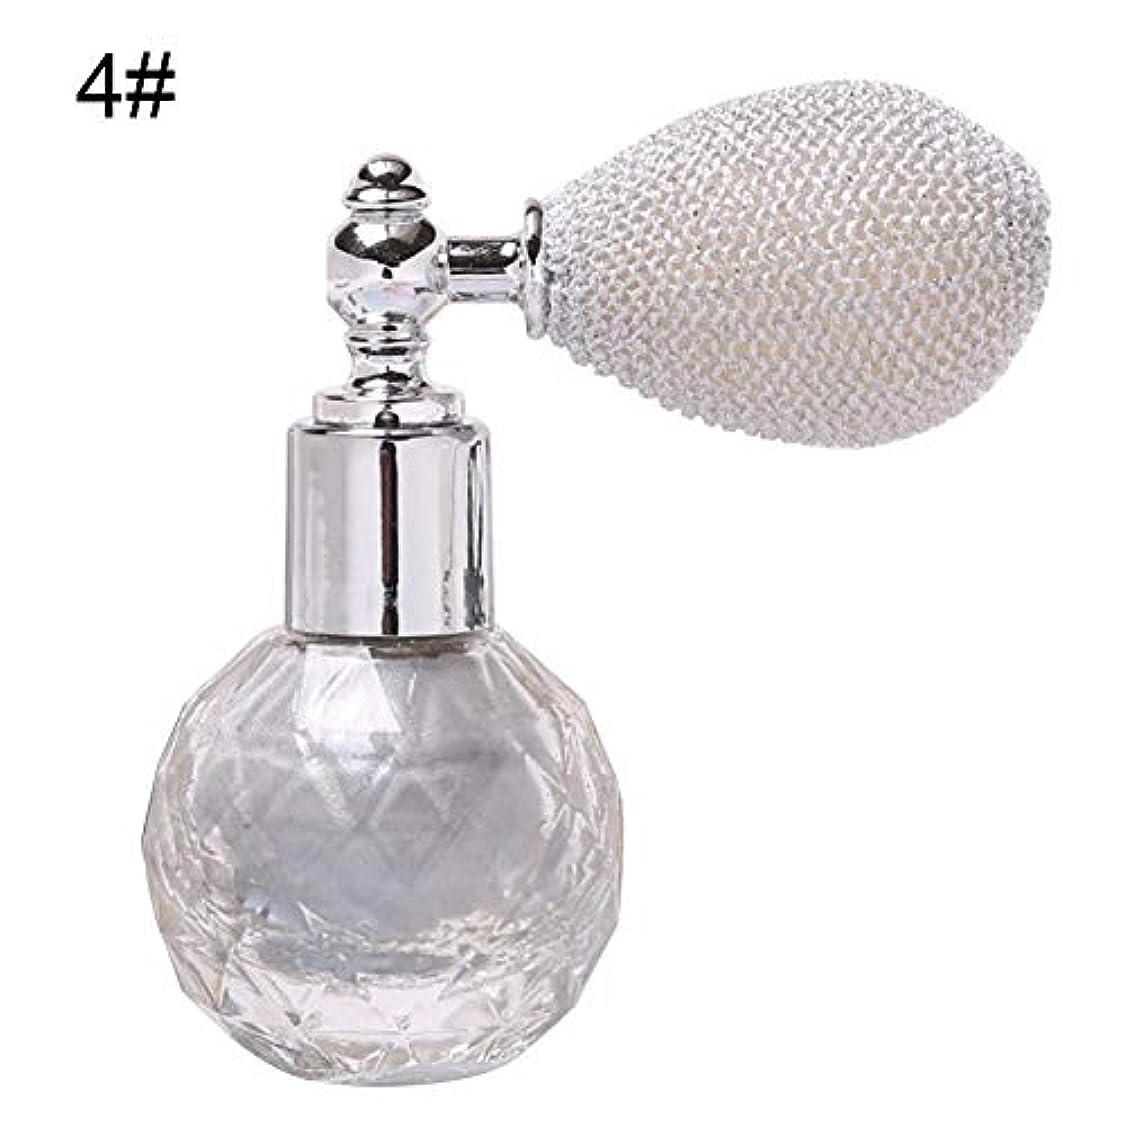 擬人化キャプション等々ガラスボトル香水瓶 アトマイザー ポンプ式 香水瓶 クリア星柄ストリームラインデザイン シルバーワインスプレー 100ML ホーム飾り 装飾雑貨